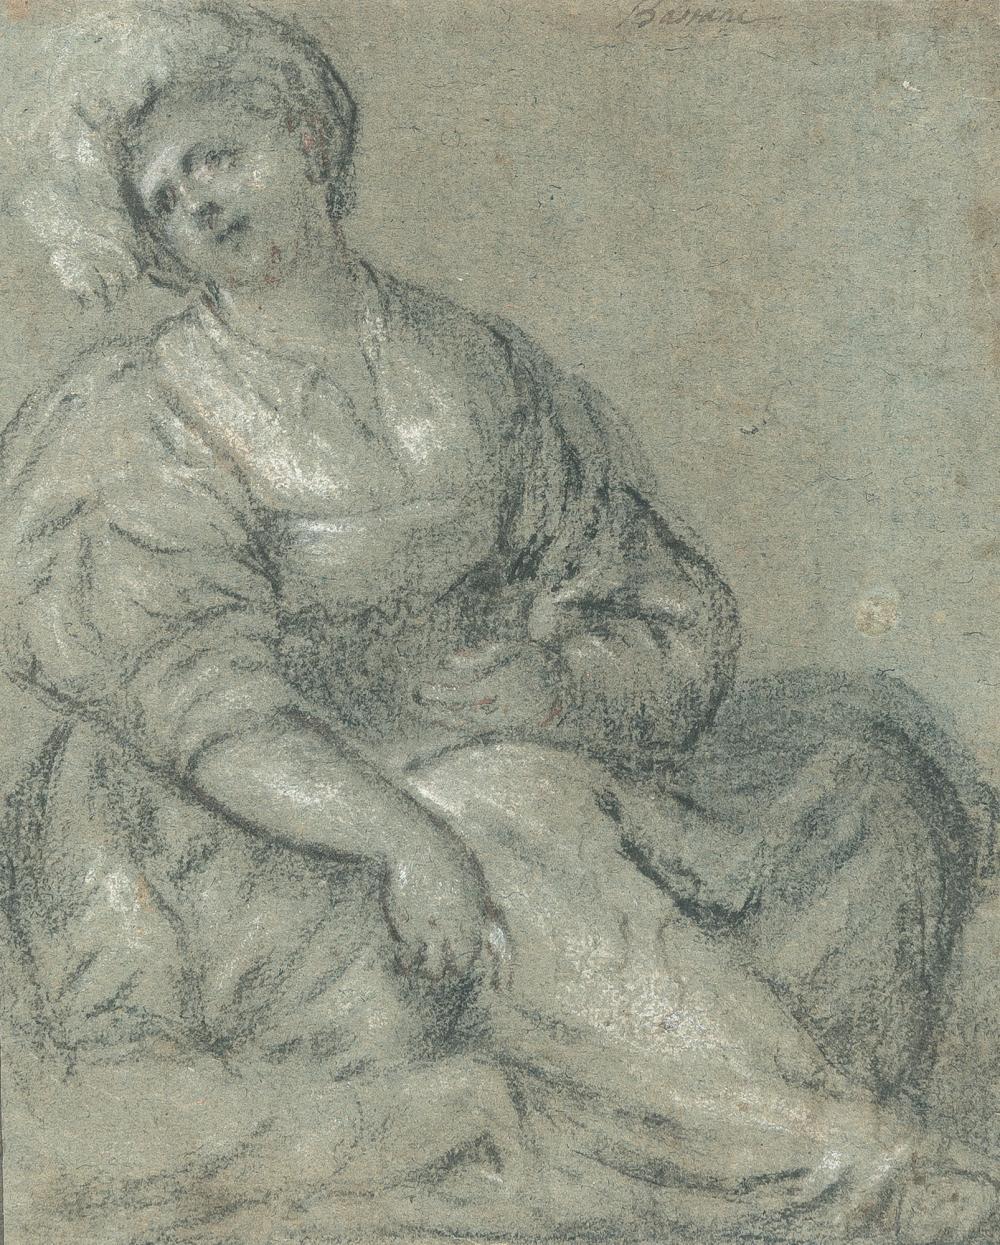 Jacopo Da Ponte, Gen. Bassano (Umkreis) – Sitzende weibliche Figur